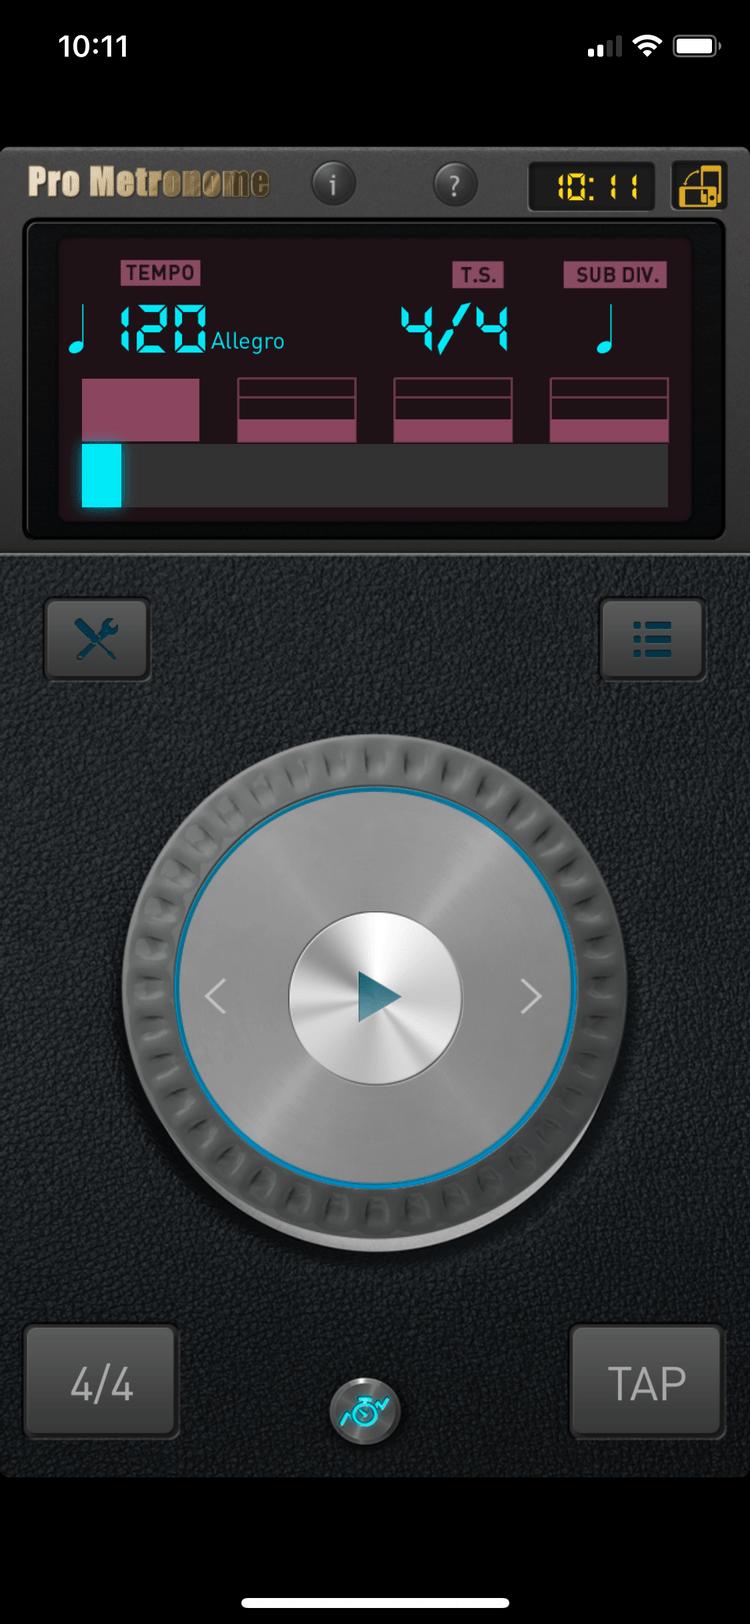 بهترین برنامه نوازندگی اپل : Pro Metronome